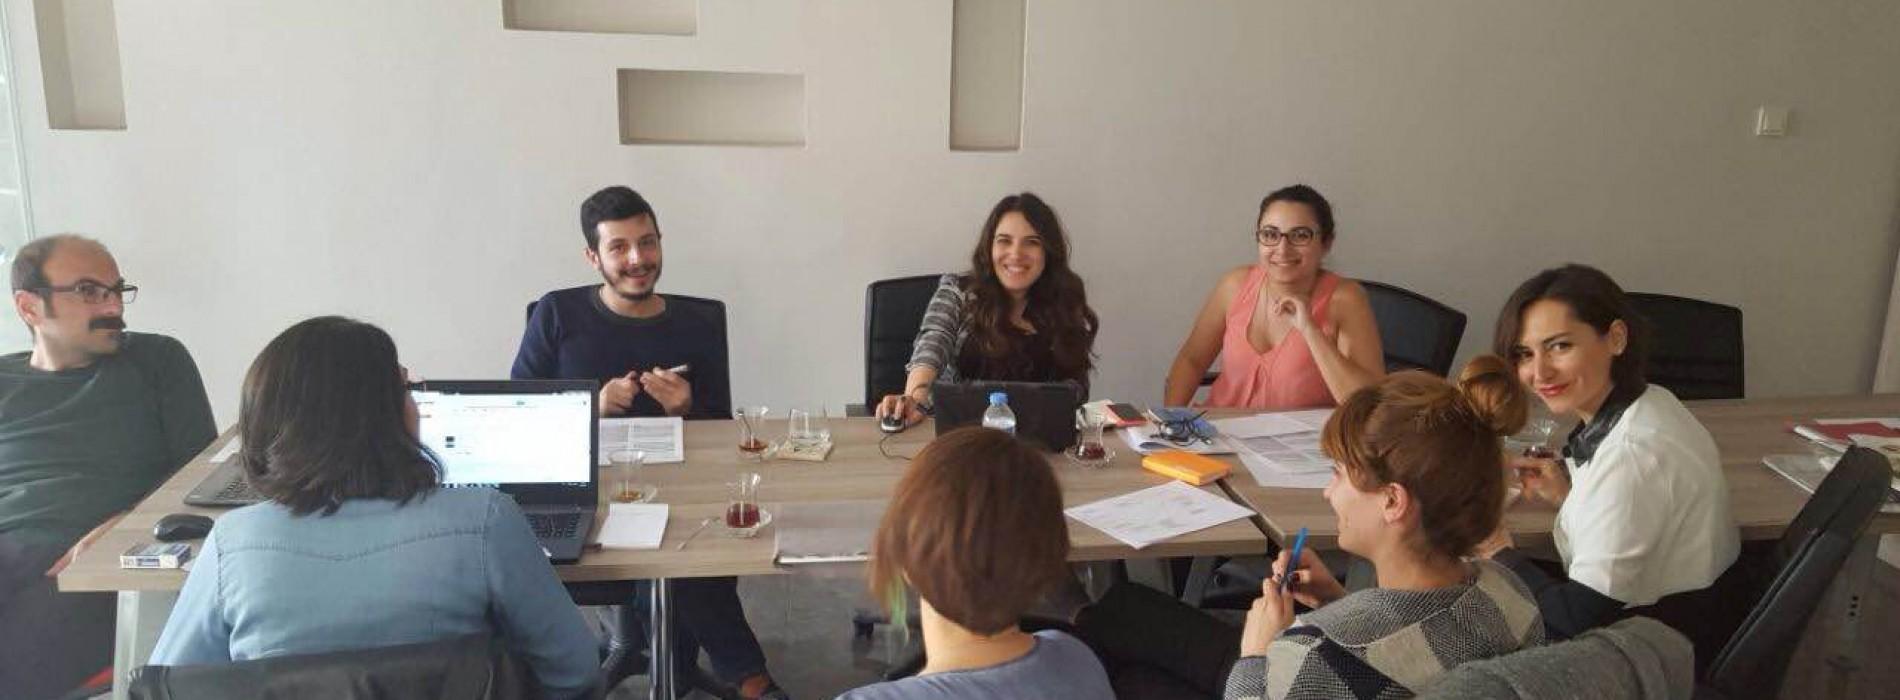 Hedef Sağlık, İstikamet İstanbul Projesi çalışmaları devam ediyor